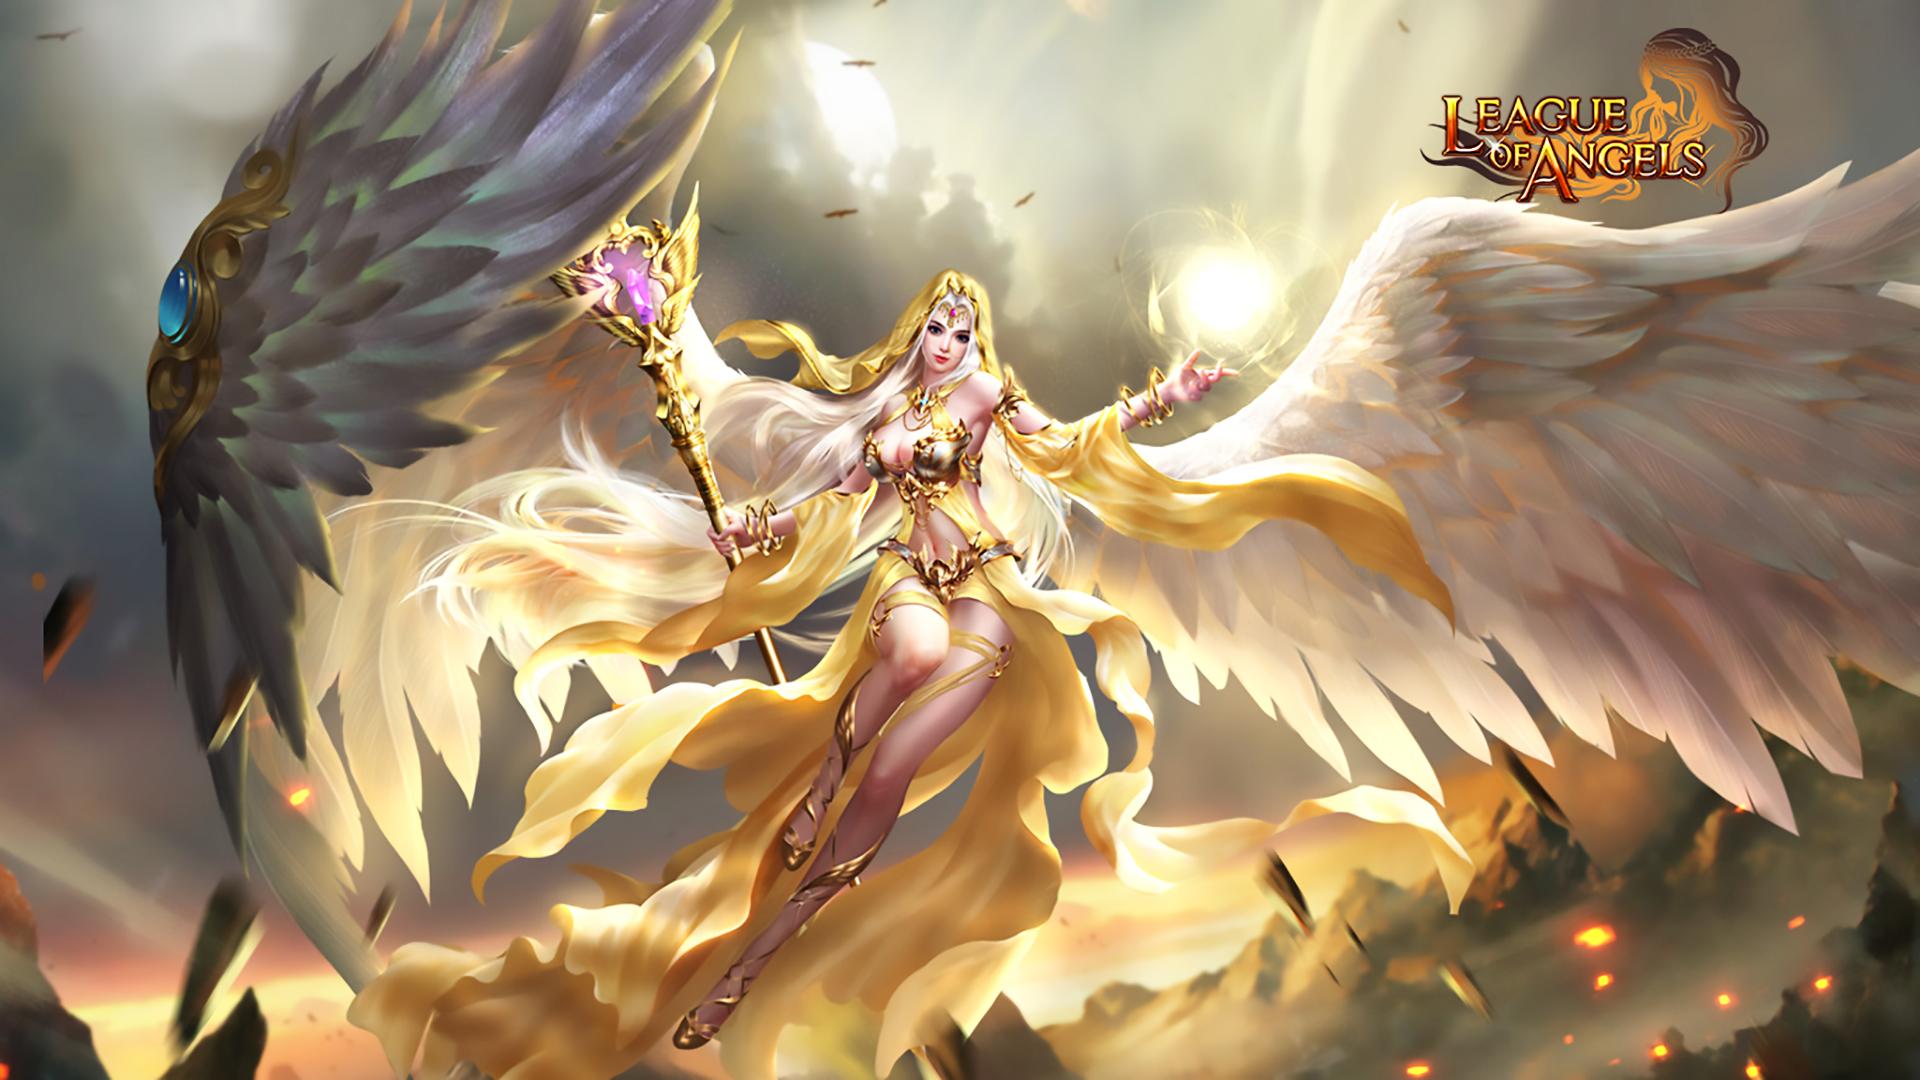 такое лига ангелов картинки все них еще